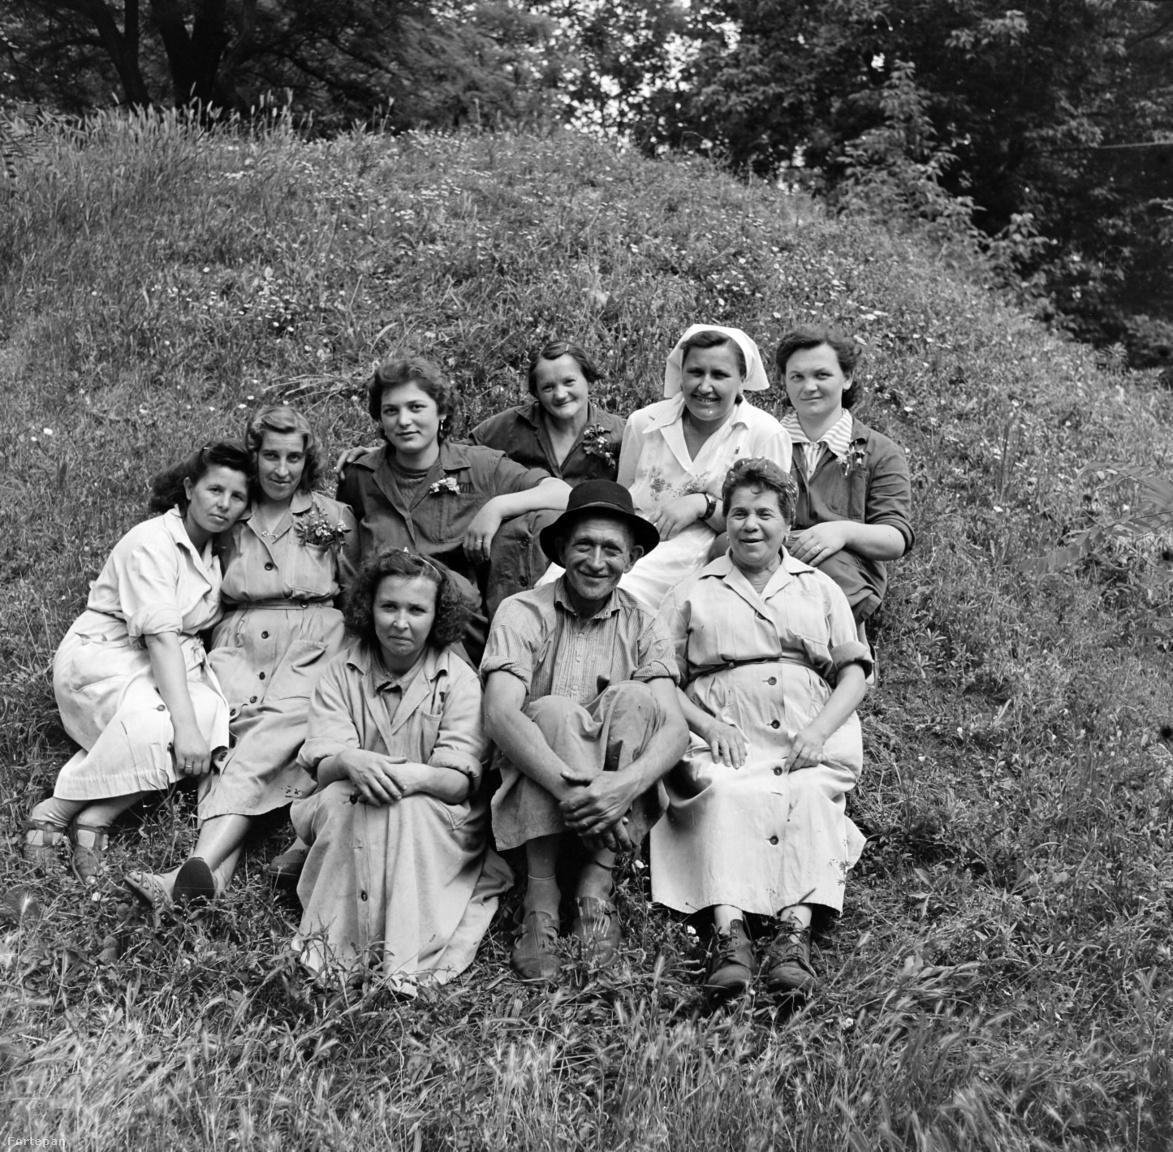 """Hogy a többnyire apolitikus képek sem választhatók el teljesen a közegtől, azt a szappangyár fotókörének korabeli botránya is mutatja. A kőbányai sörgyárból az 1948-as államosítás idején kiszakított, Növényolaj- és Szappangyár Nemzeti Vállalatba betagolt üzemben (itt készült az AMO szappan is) 1955-ben indult el a fotószakkör. A következő év tavaszán azonban máris pártfegyelmit hoztak az egyik kezdeményező, egy Révész nevű fiatal üzemmérnök ellen, aki aktokat készített egy munkásnőről. Koltai Gábor történész-levéltáros tanulmánya szerint a képeket eljuttatták a párttitkárhoz, a gyárban pedig titkos viszonyról terjedt a pletyka.                         """"Én nem olyan lány vagyok titkár elvtárs, aki csak úgy… az első szóra! Engem több héten át agitált a Révész elvtárs, hogy az igazi fotóművészet az akt fotózás és nekem olyan szép alakom van, hogy azt nem szabad elrejtenem, – vagy talán az imperialistáknak tartogatod elvtársnő? – kérdezte aztán tőlem. Én? Az imperialistáknak?"""" – magyarázta a megvádolt lány a jegyzőkönyvek szerint, hogy végül beadta a derekát. Az ügy """"pártszerűtlen viselkedés"""" és a """"kommunista erkölcs megsértése"""" miatt a szakkörszervező mérnök pártbüntetésével végződött, az aktok pedig az állampárt prüdériájának lenyomataként a fegyelmi eljárás mellékleteként maradtak meg az utókornak."""